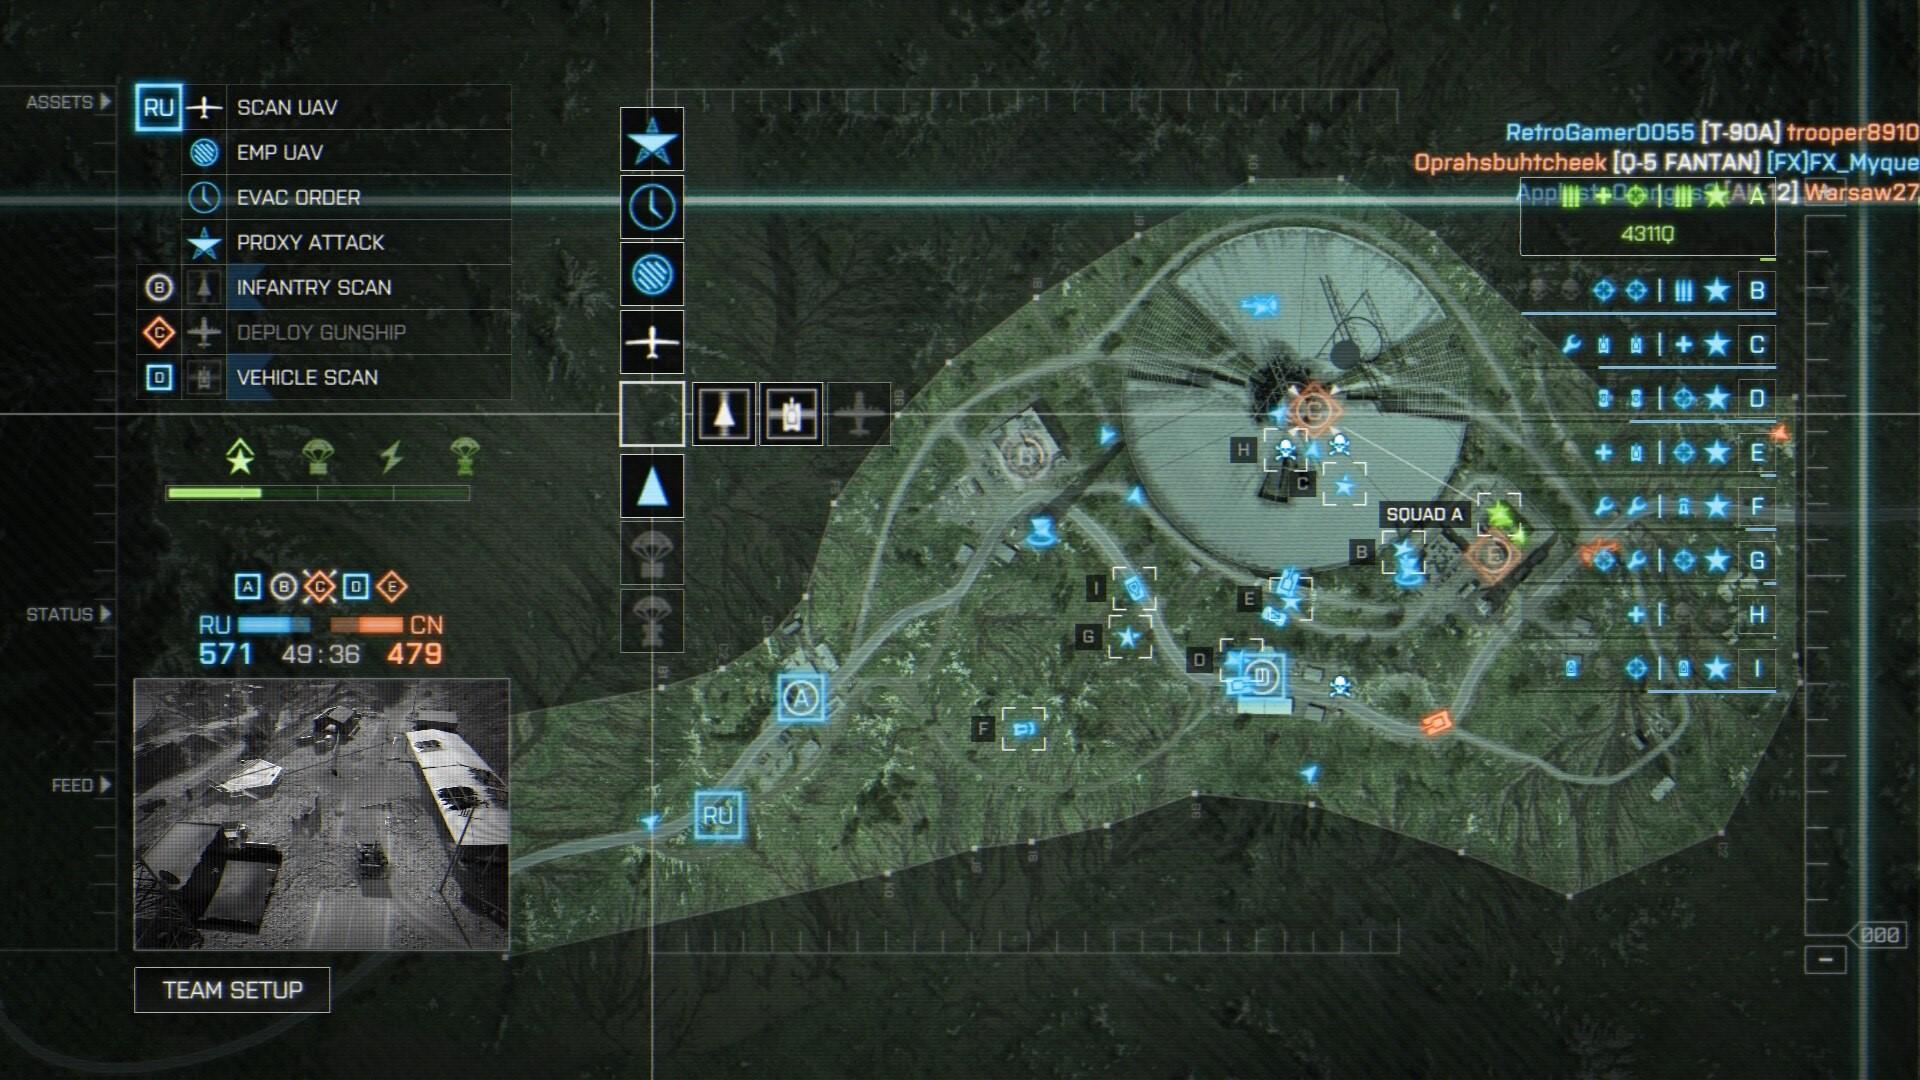 Руководство Battlefield 4 ™: лучшая стратегия и тактика для командира - Commanders View - 63098D1